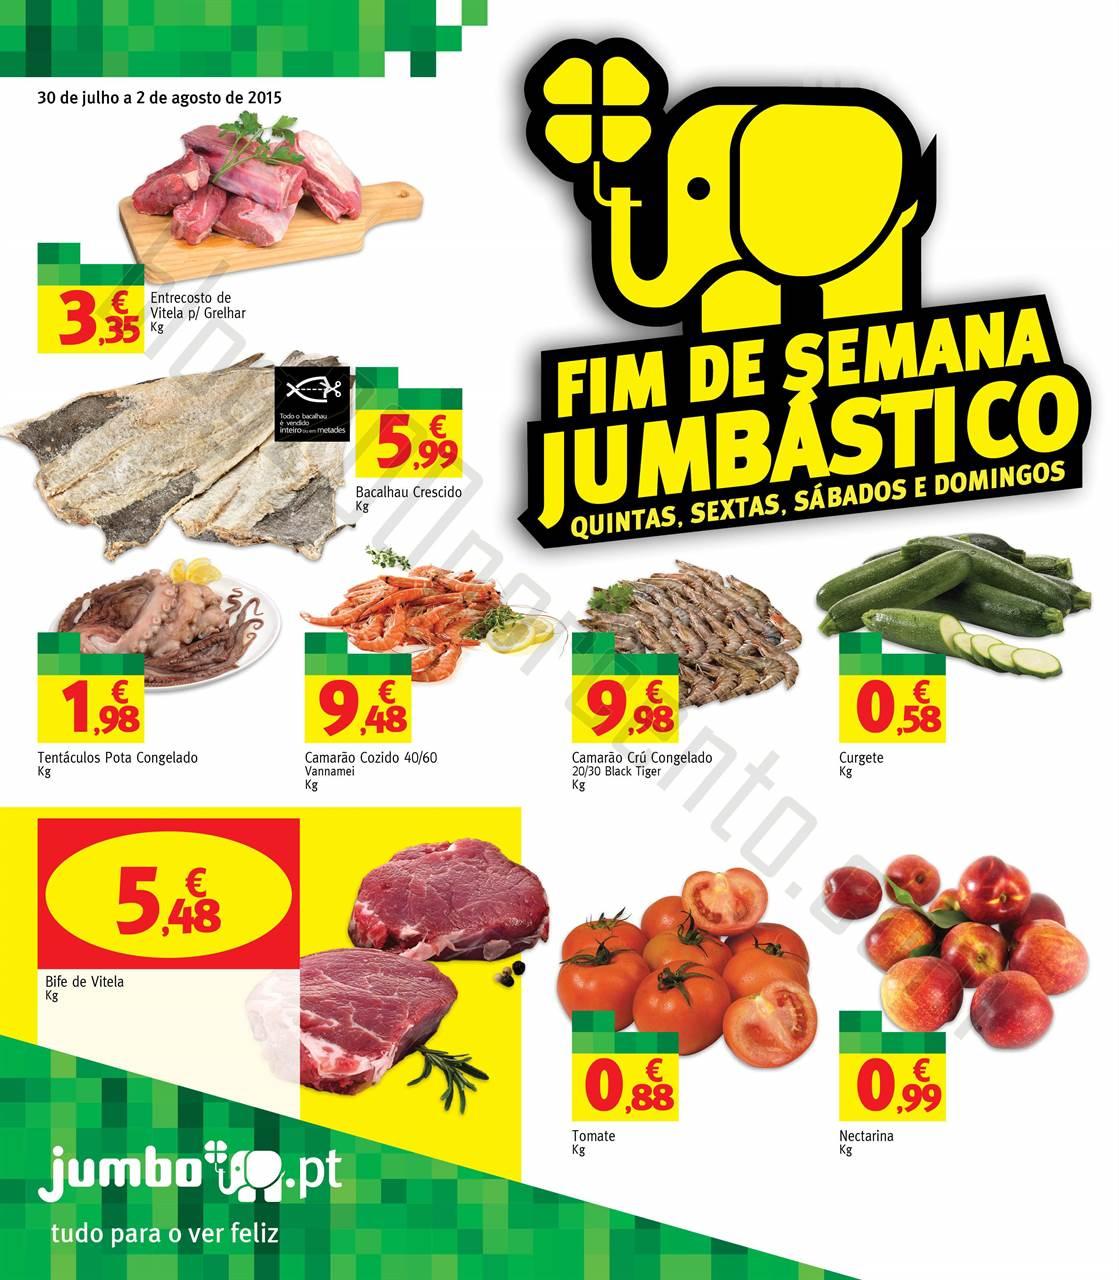 fds jumbo_p1.jpg